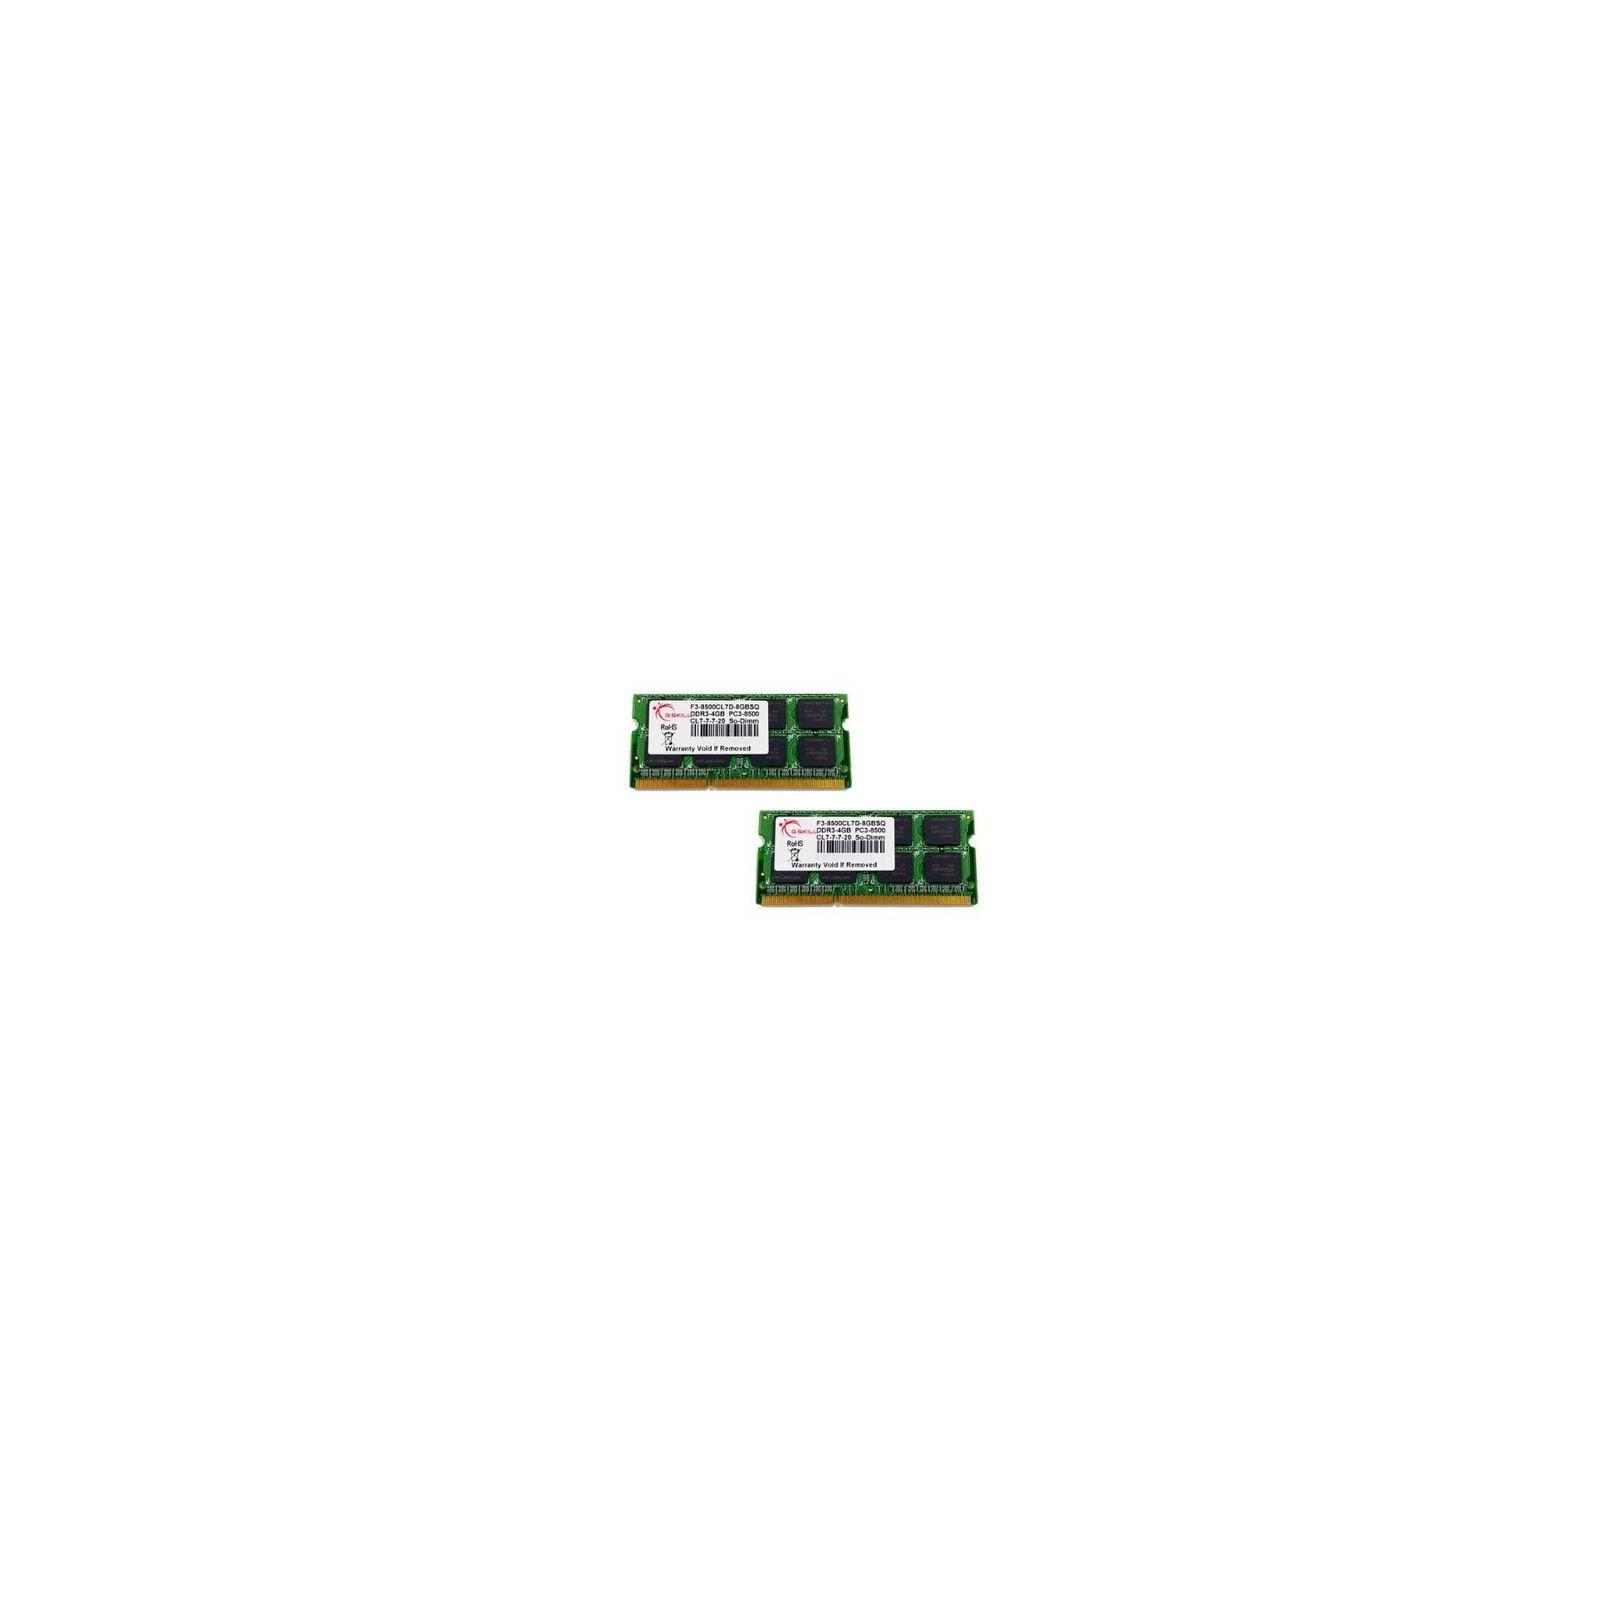 Модуль памяти для ноутбука SoDIMM DDR3 8GB (2x4GB) 1066 MHz G.Skill (FA-8500CL7D-8GBSQ)